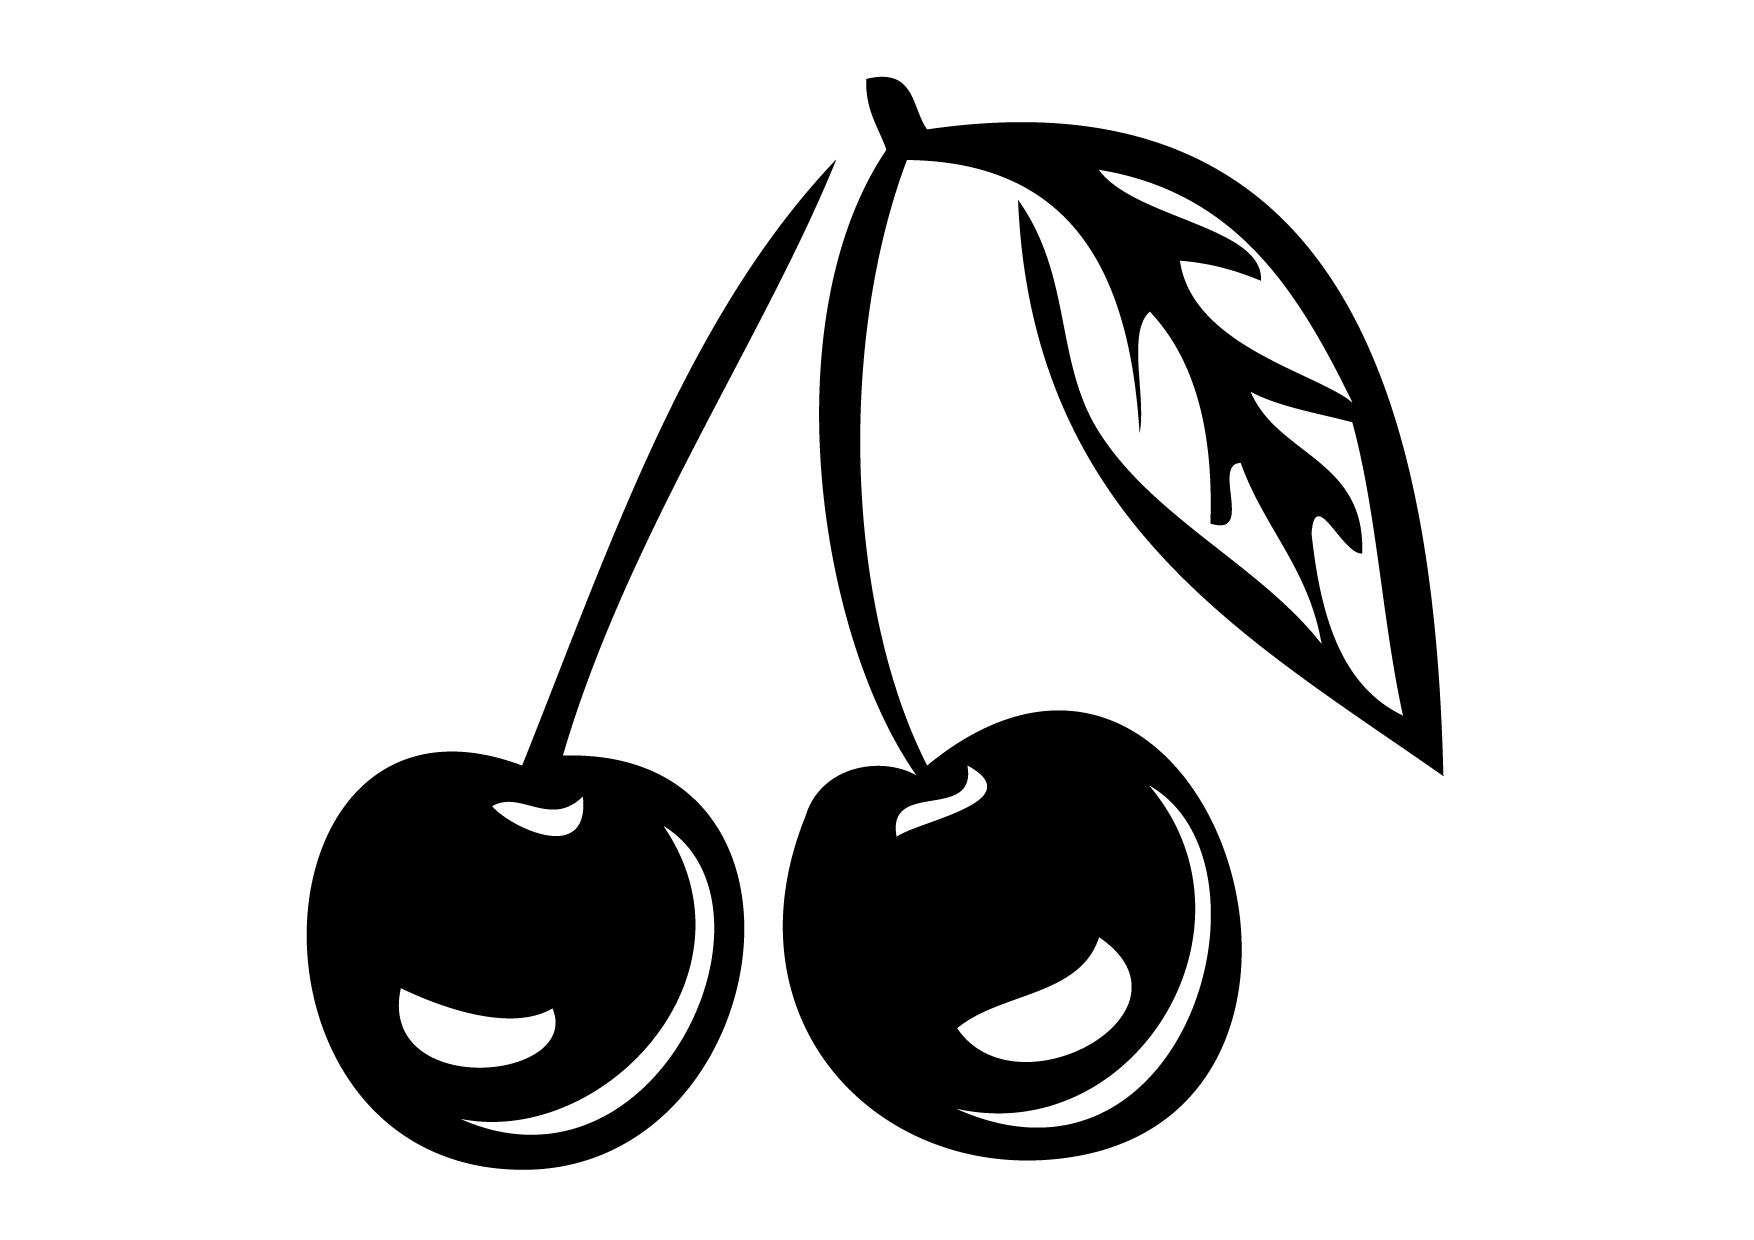 Darmowe szablony malarskie  owoce  Szablony malarskie   -> Kuchnia Gazowa Kśt